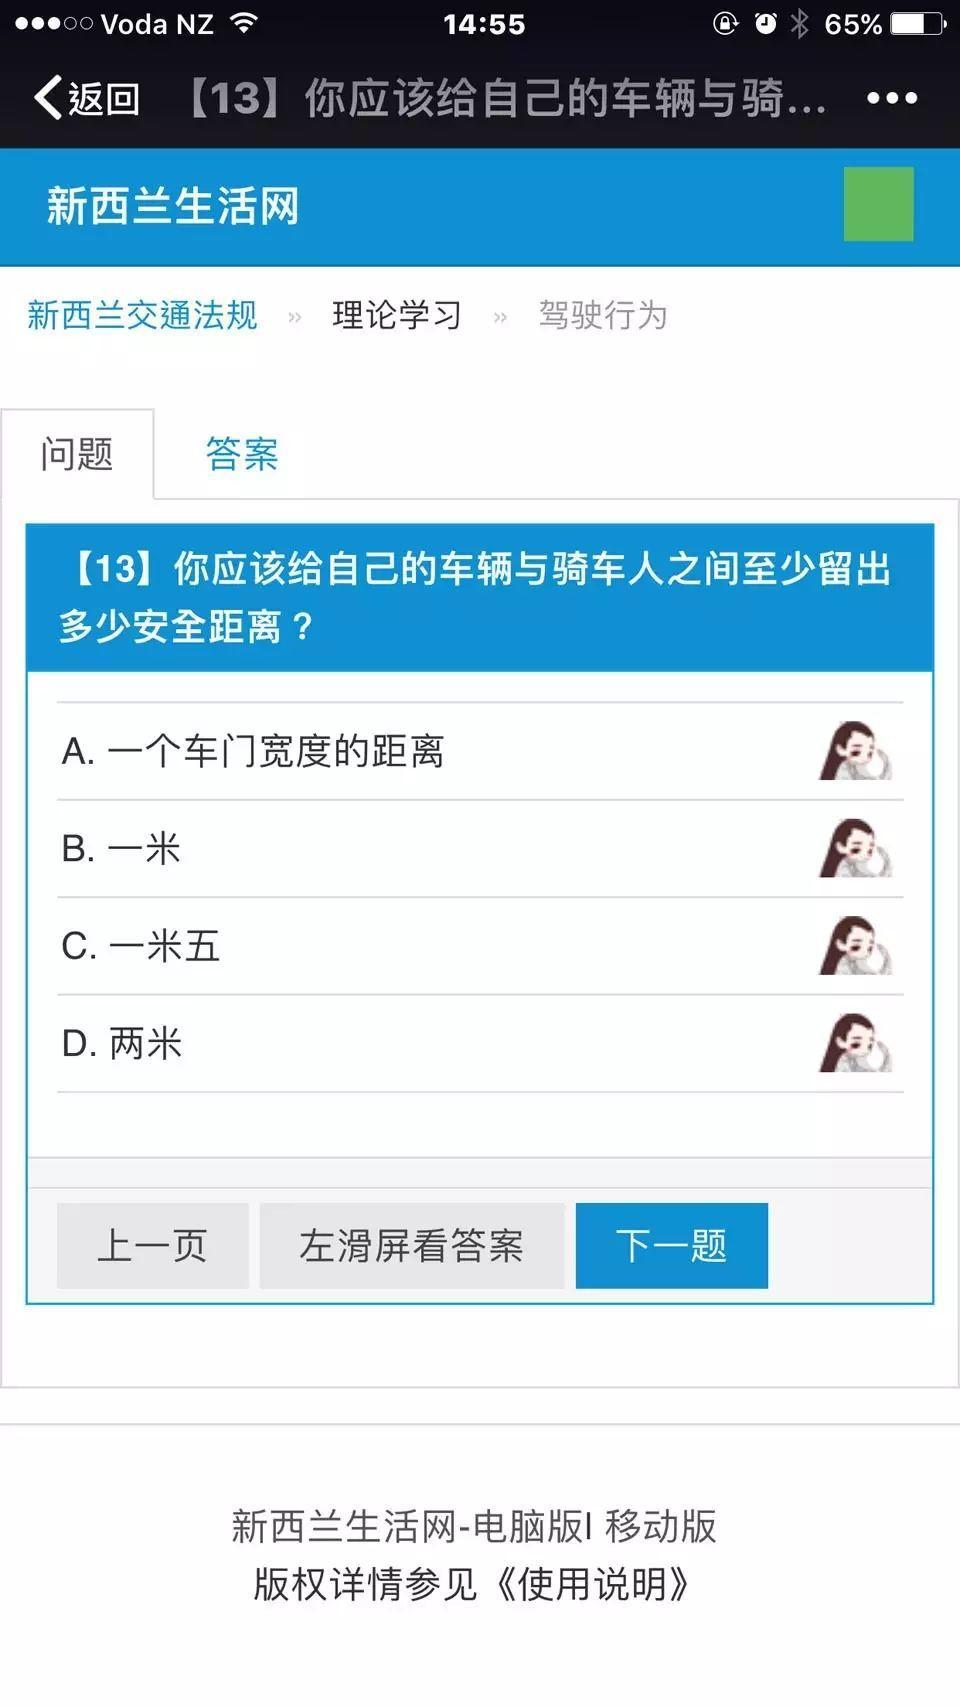 史上第一本!新西兰生活网推出新西兰中文交规全本!